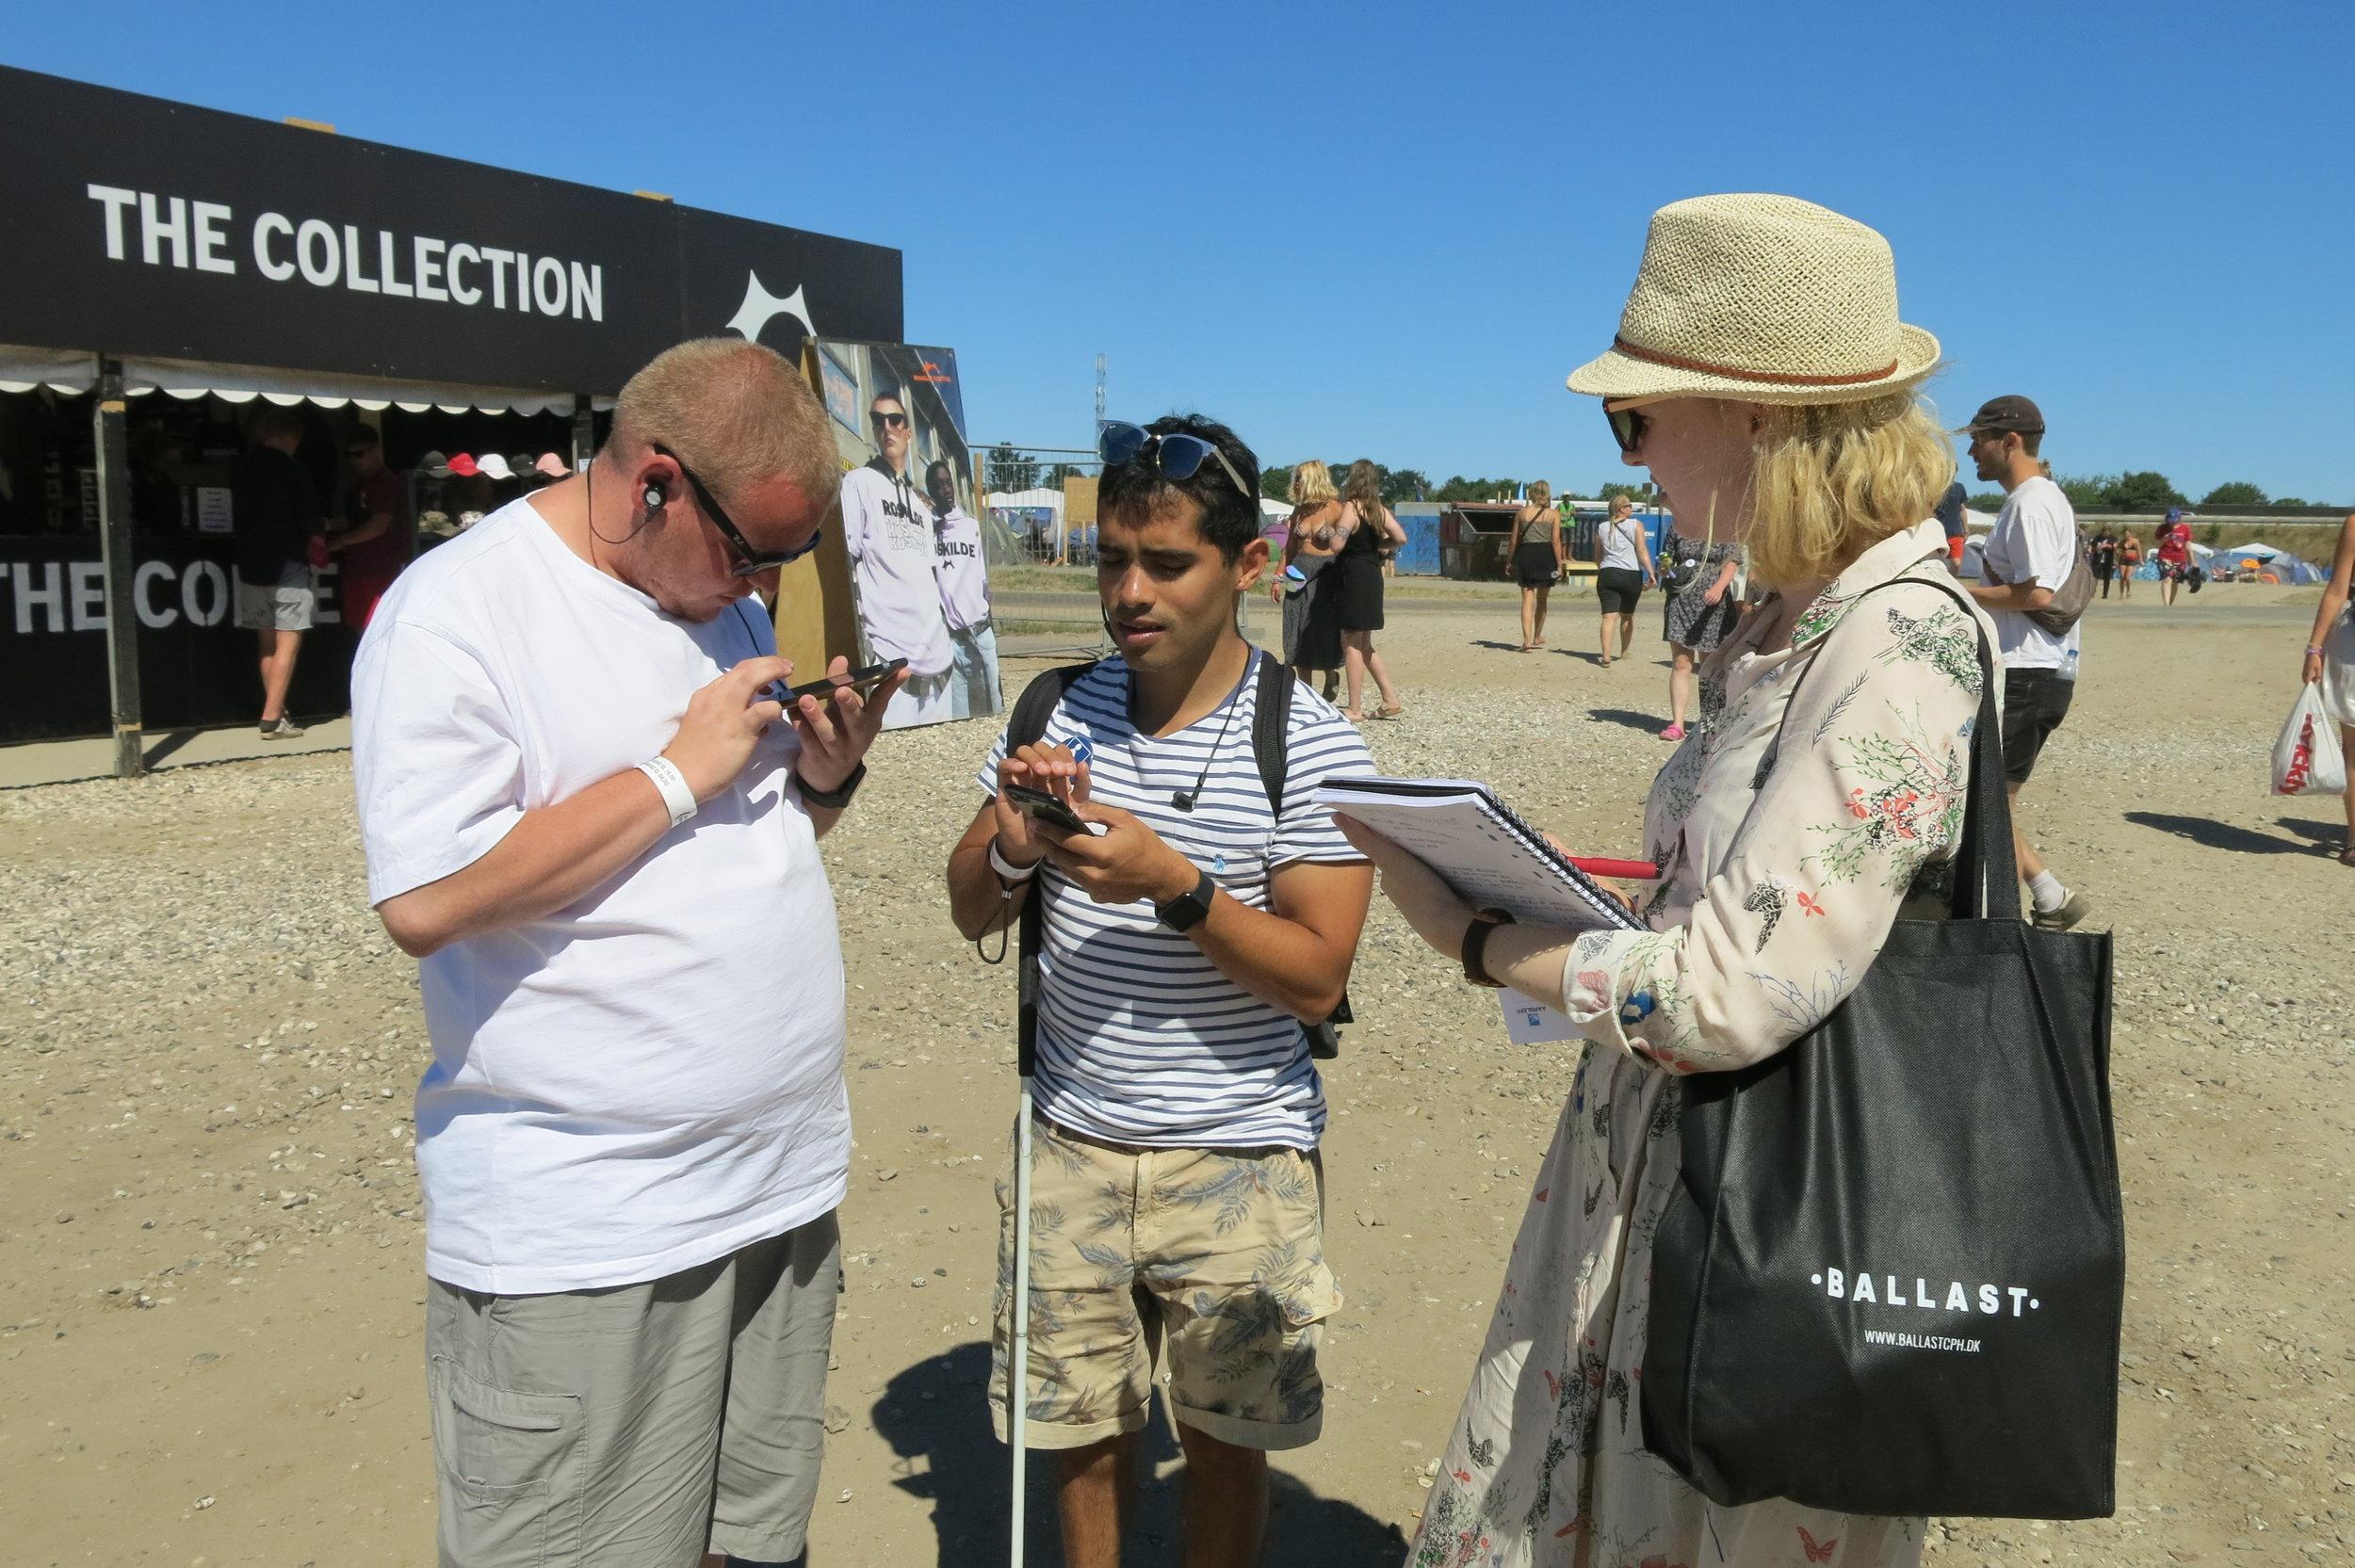 Lasse og Jens tester Roskilde Festival appen, mens Helle spørger ind